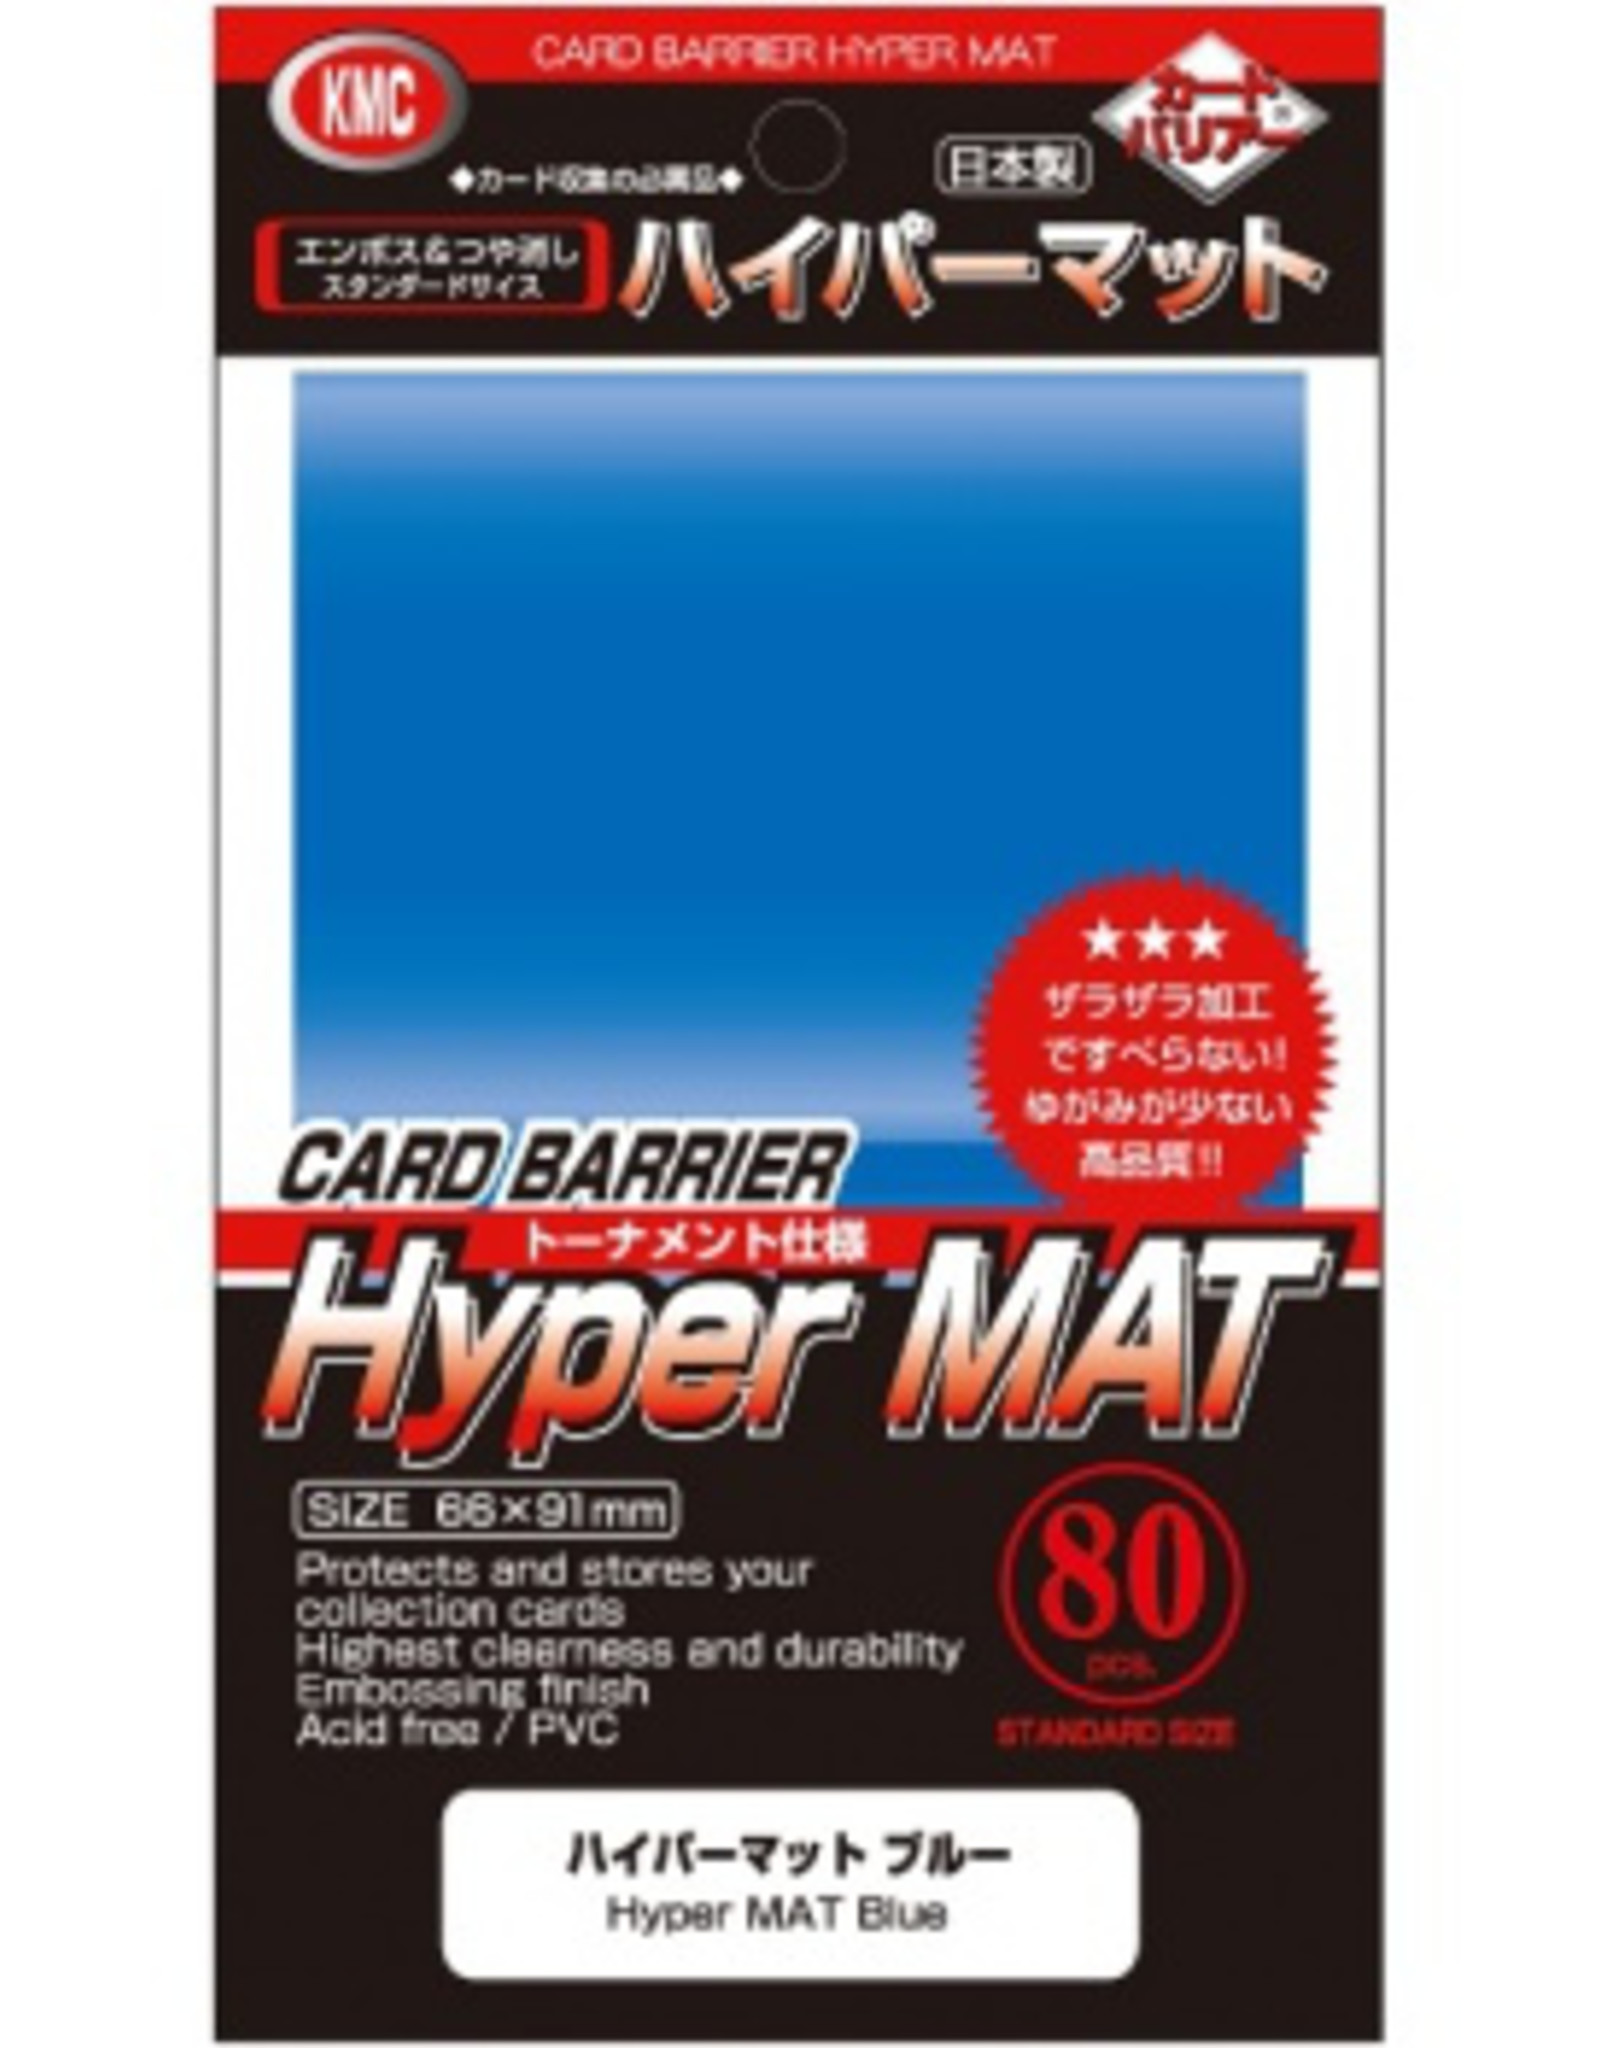 KMC - Standard Sleeves KMC Standard Sleeves - Hyper Mat Blue (80 Sleeves)